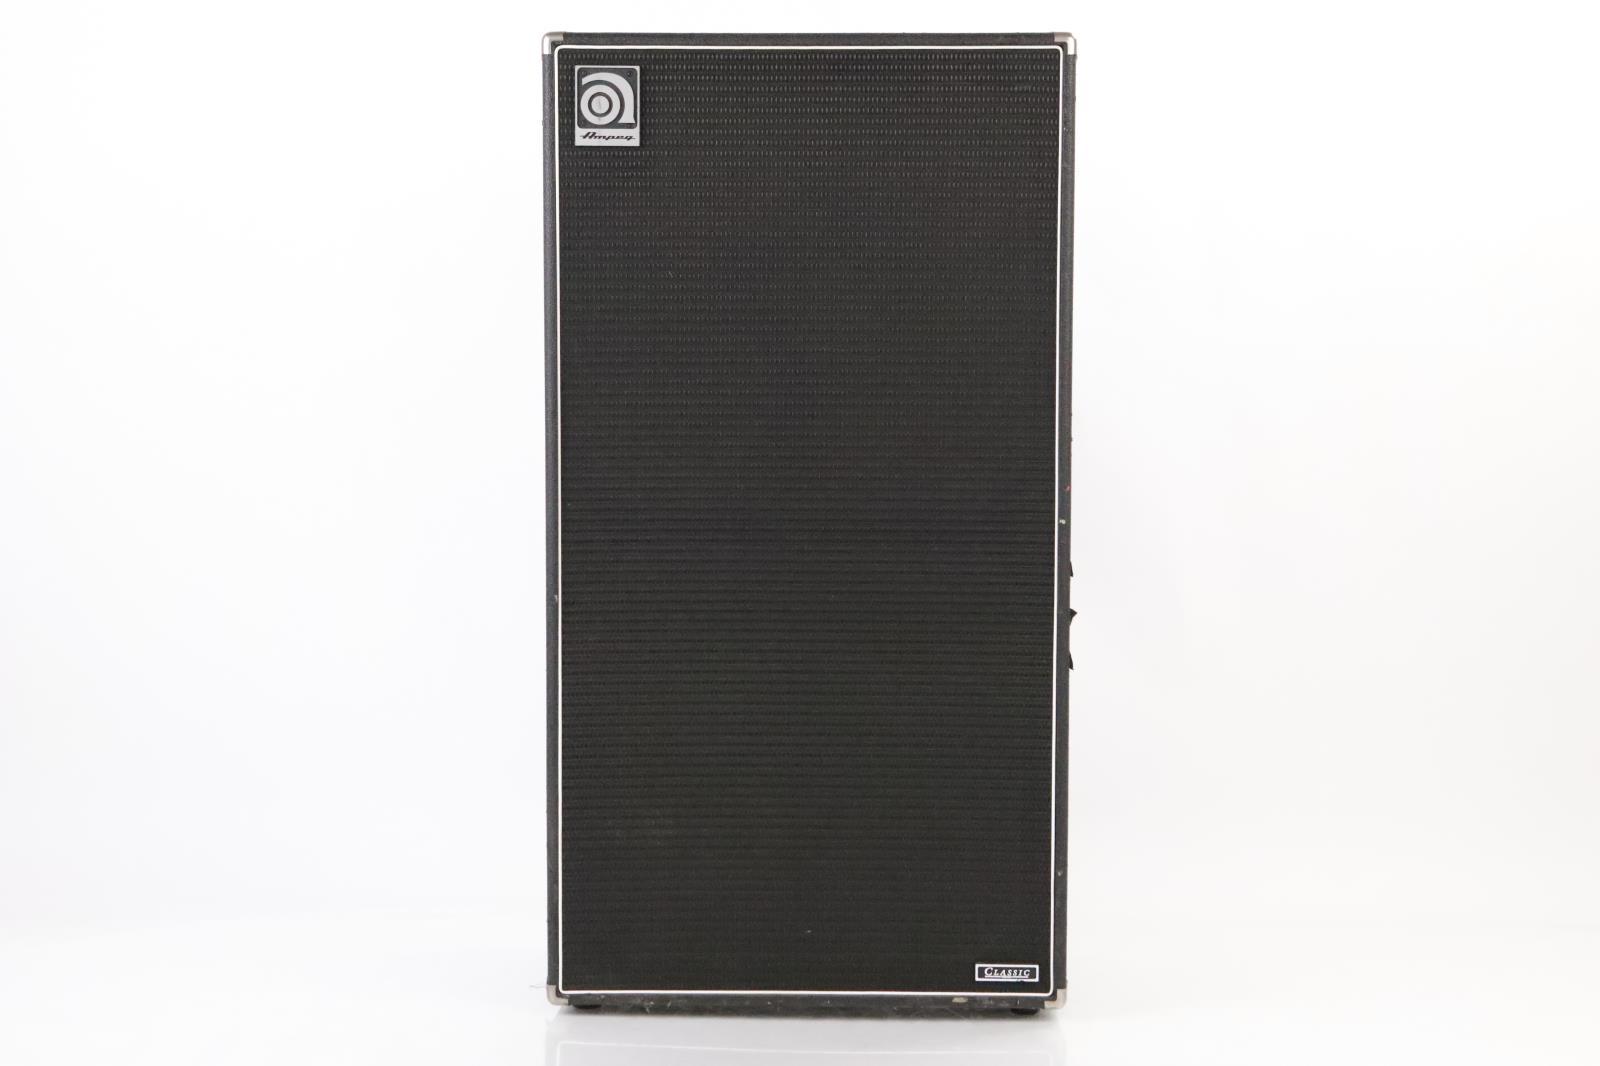 Ampeg SVT810E Bass Amp Speaker Cabinet Cab 4x10 SVT-810E #34951